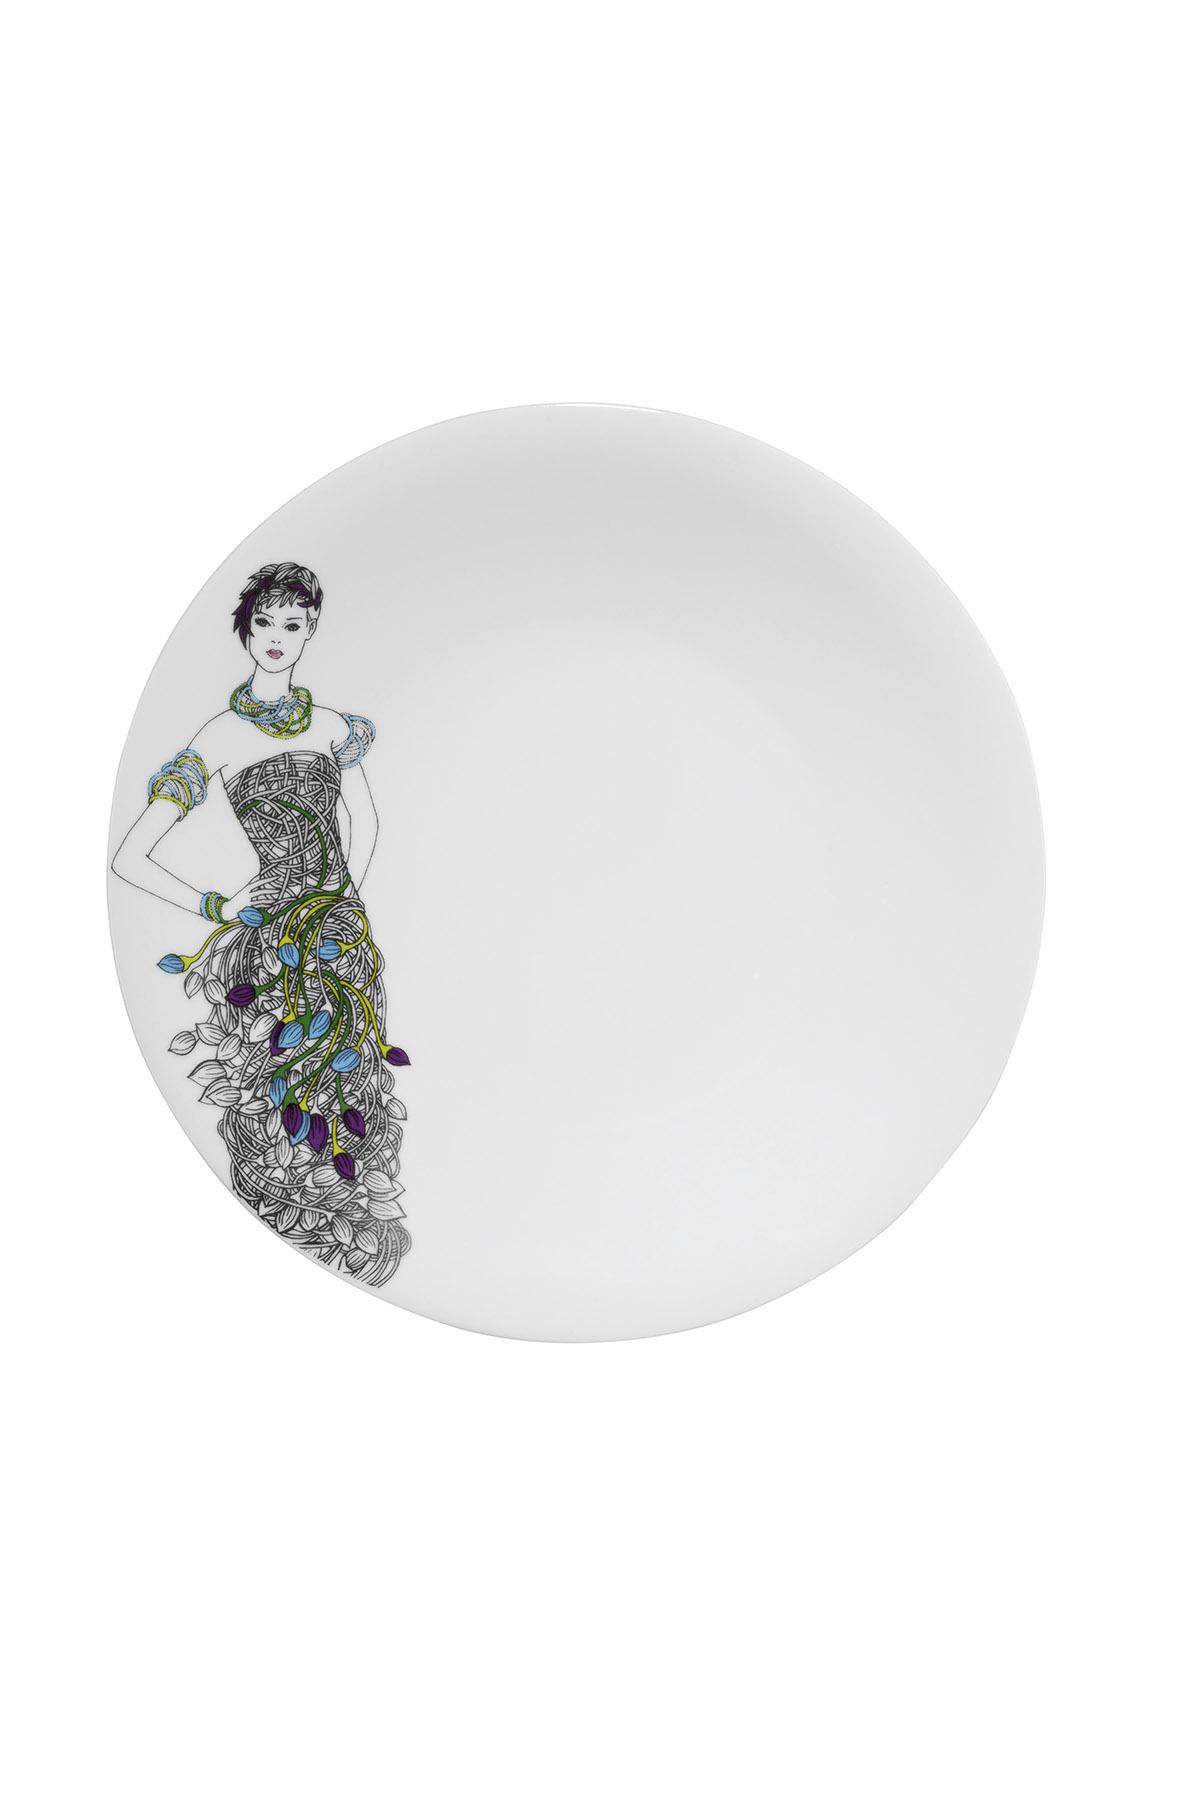 Kütahya Porselen Kadınlarım Serisi 9440 Desen 24 Parça Yemek Seti